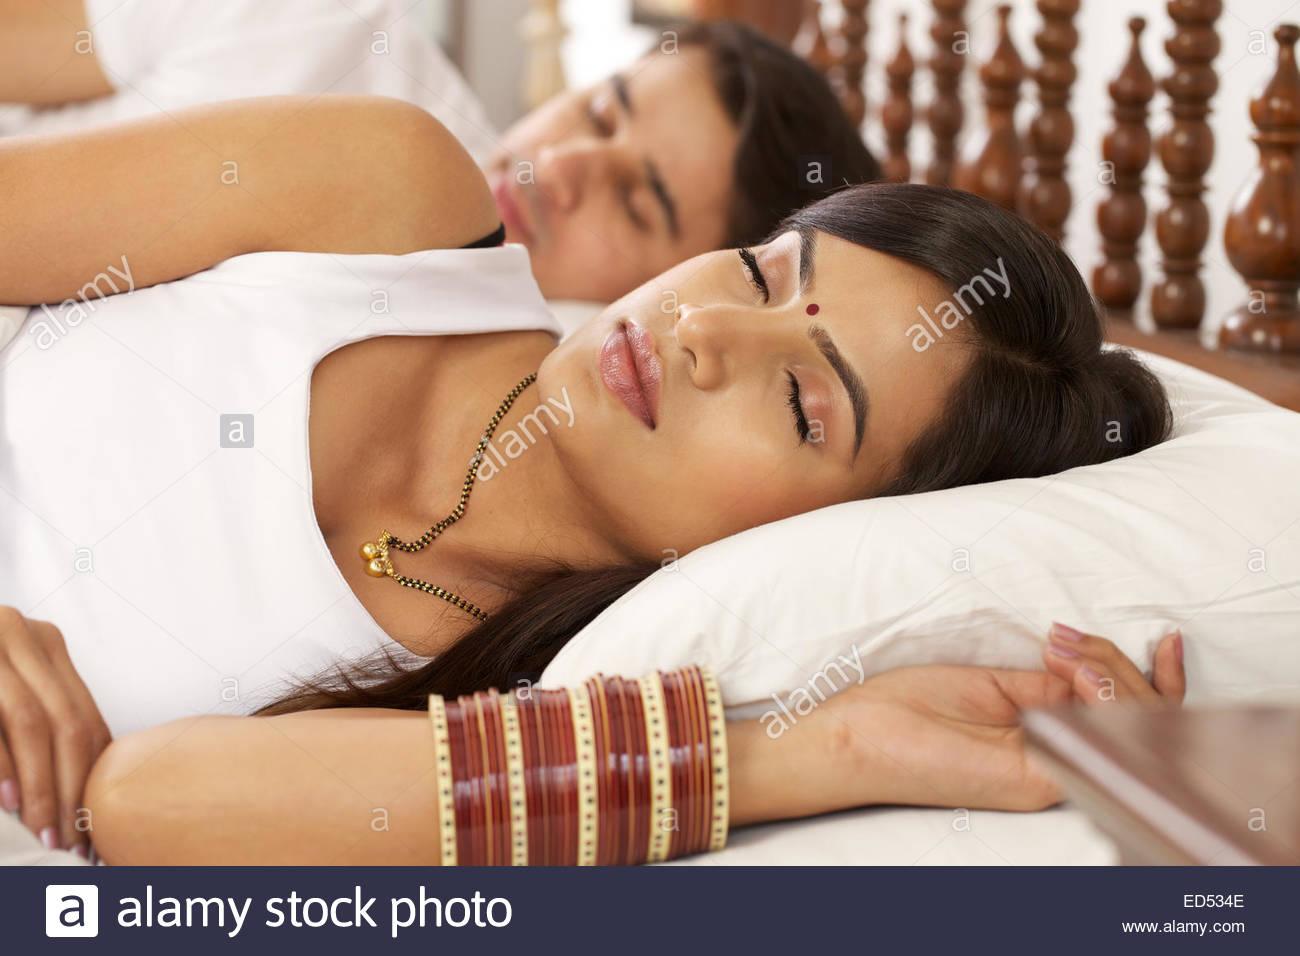 Resultado de imagem para couple sleeping india